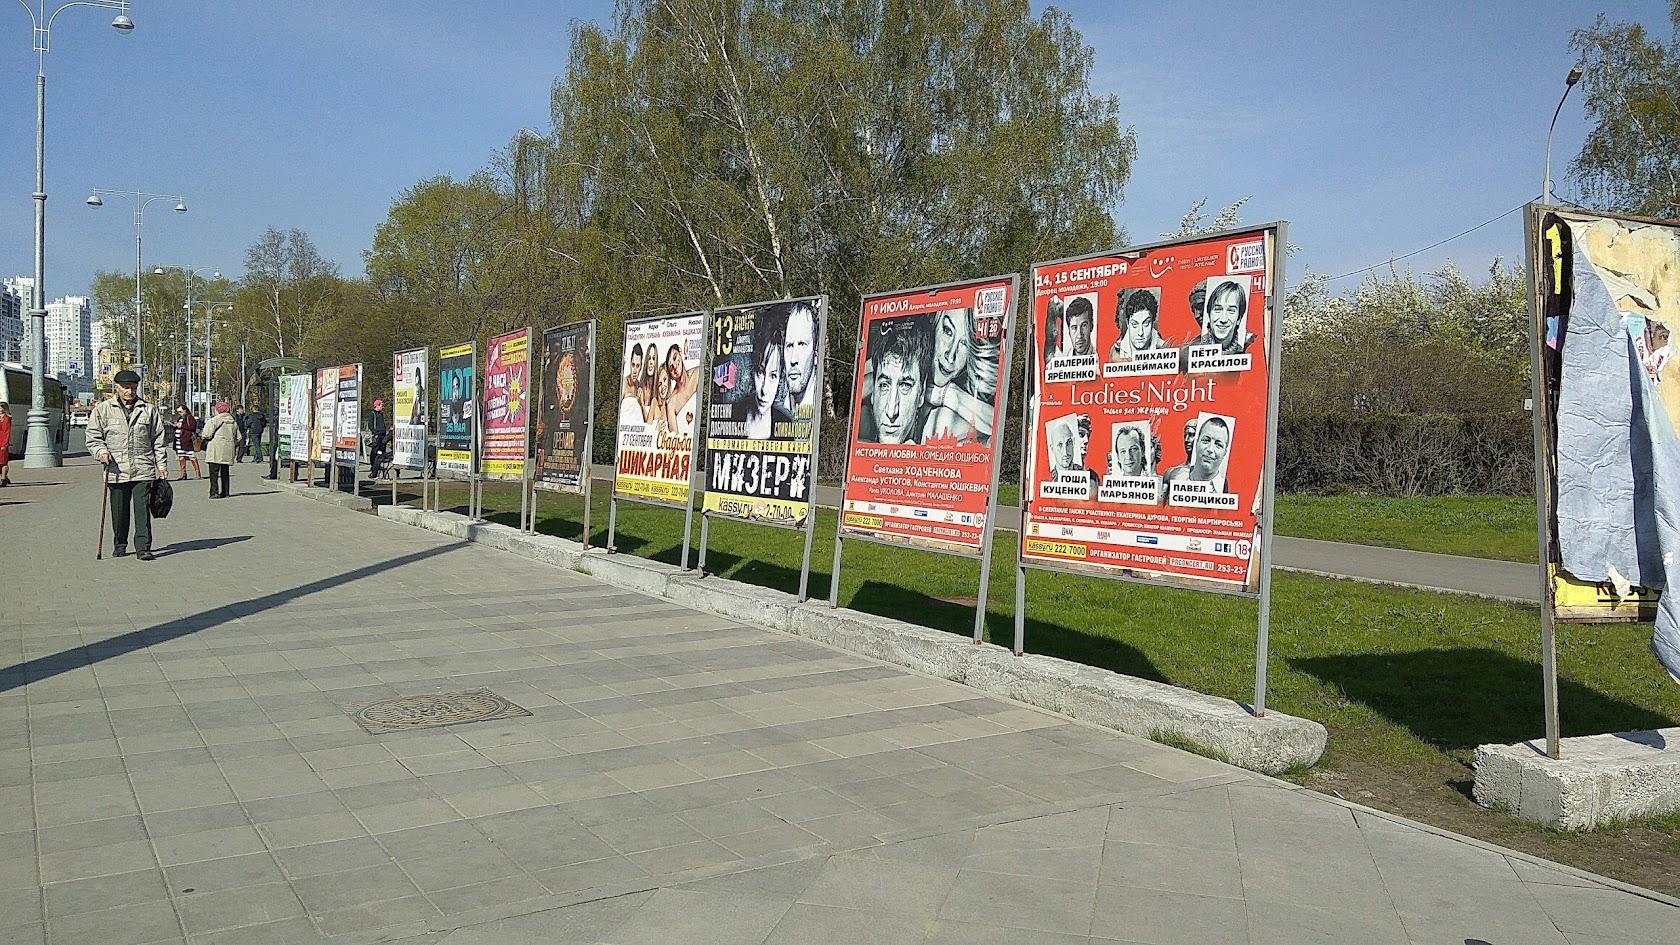 А это ещё недавно было на углу новенького перекрёстка Ленина—Московская. Но видимо готовясь к показу стадиона их все уже убрали